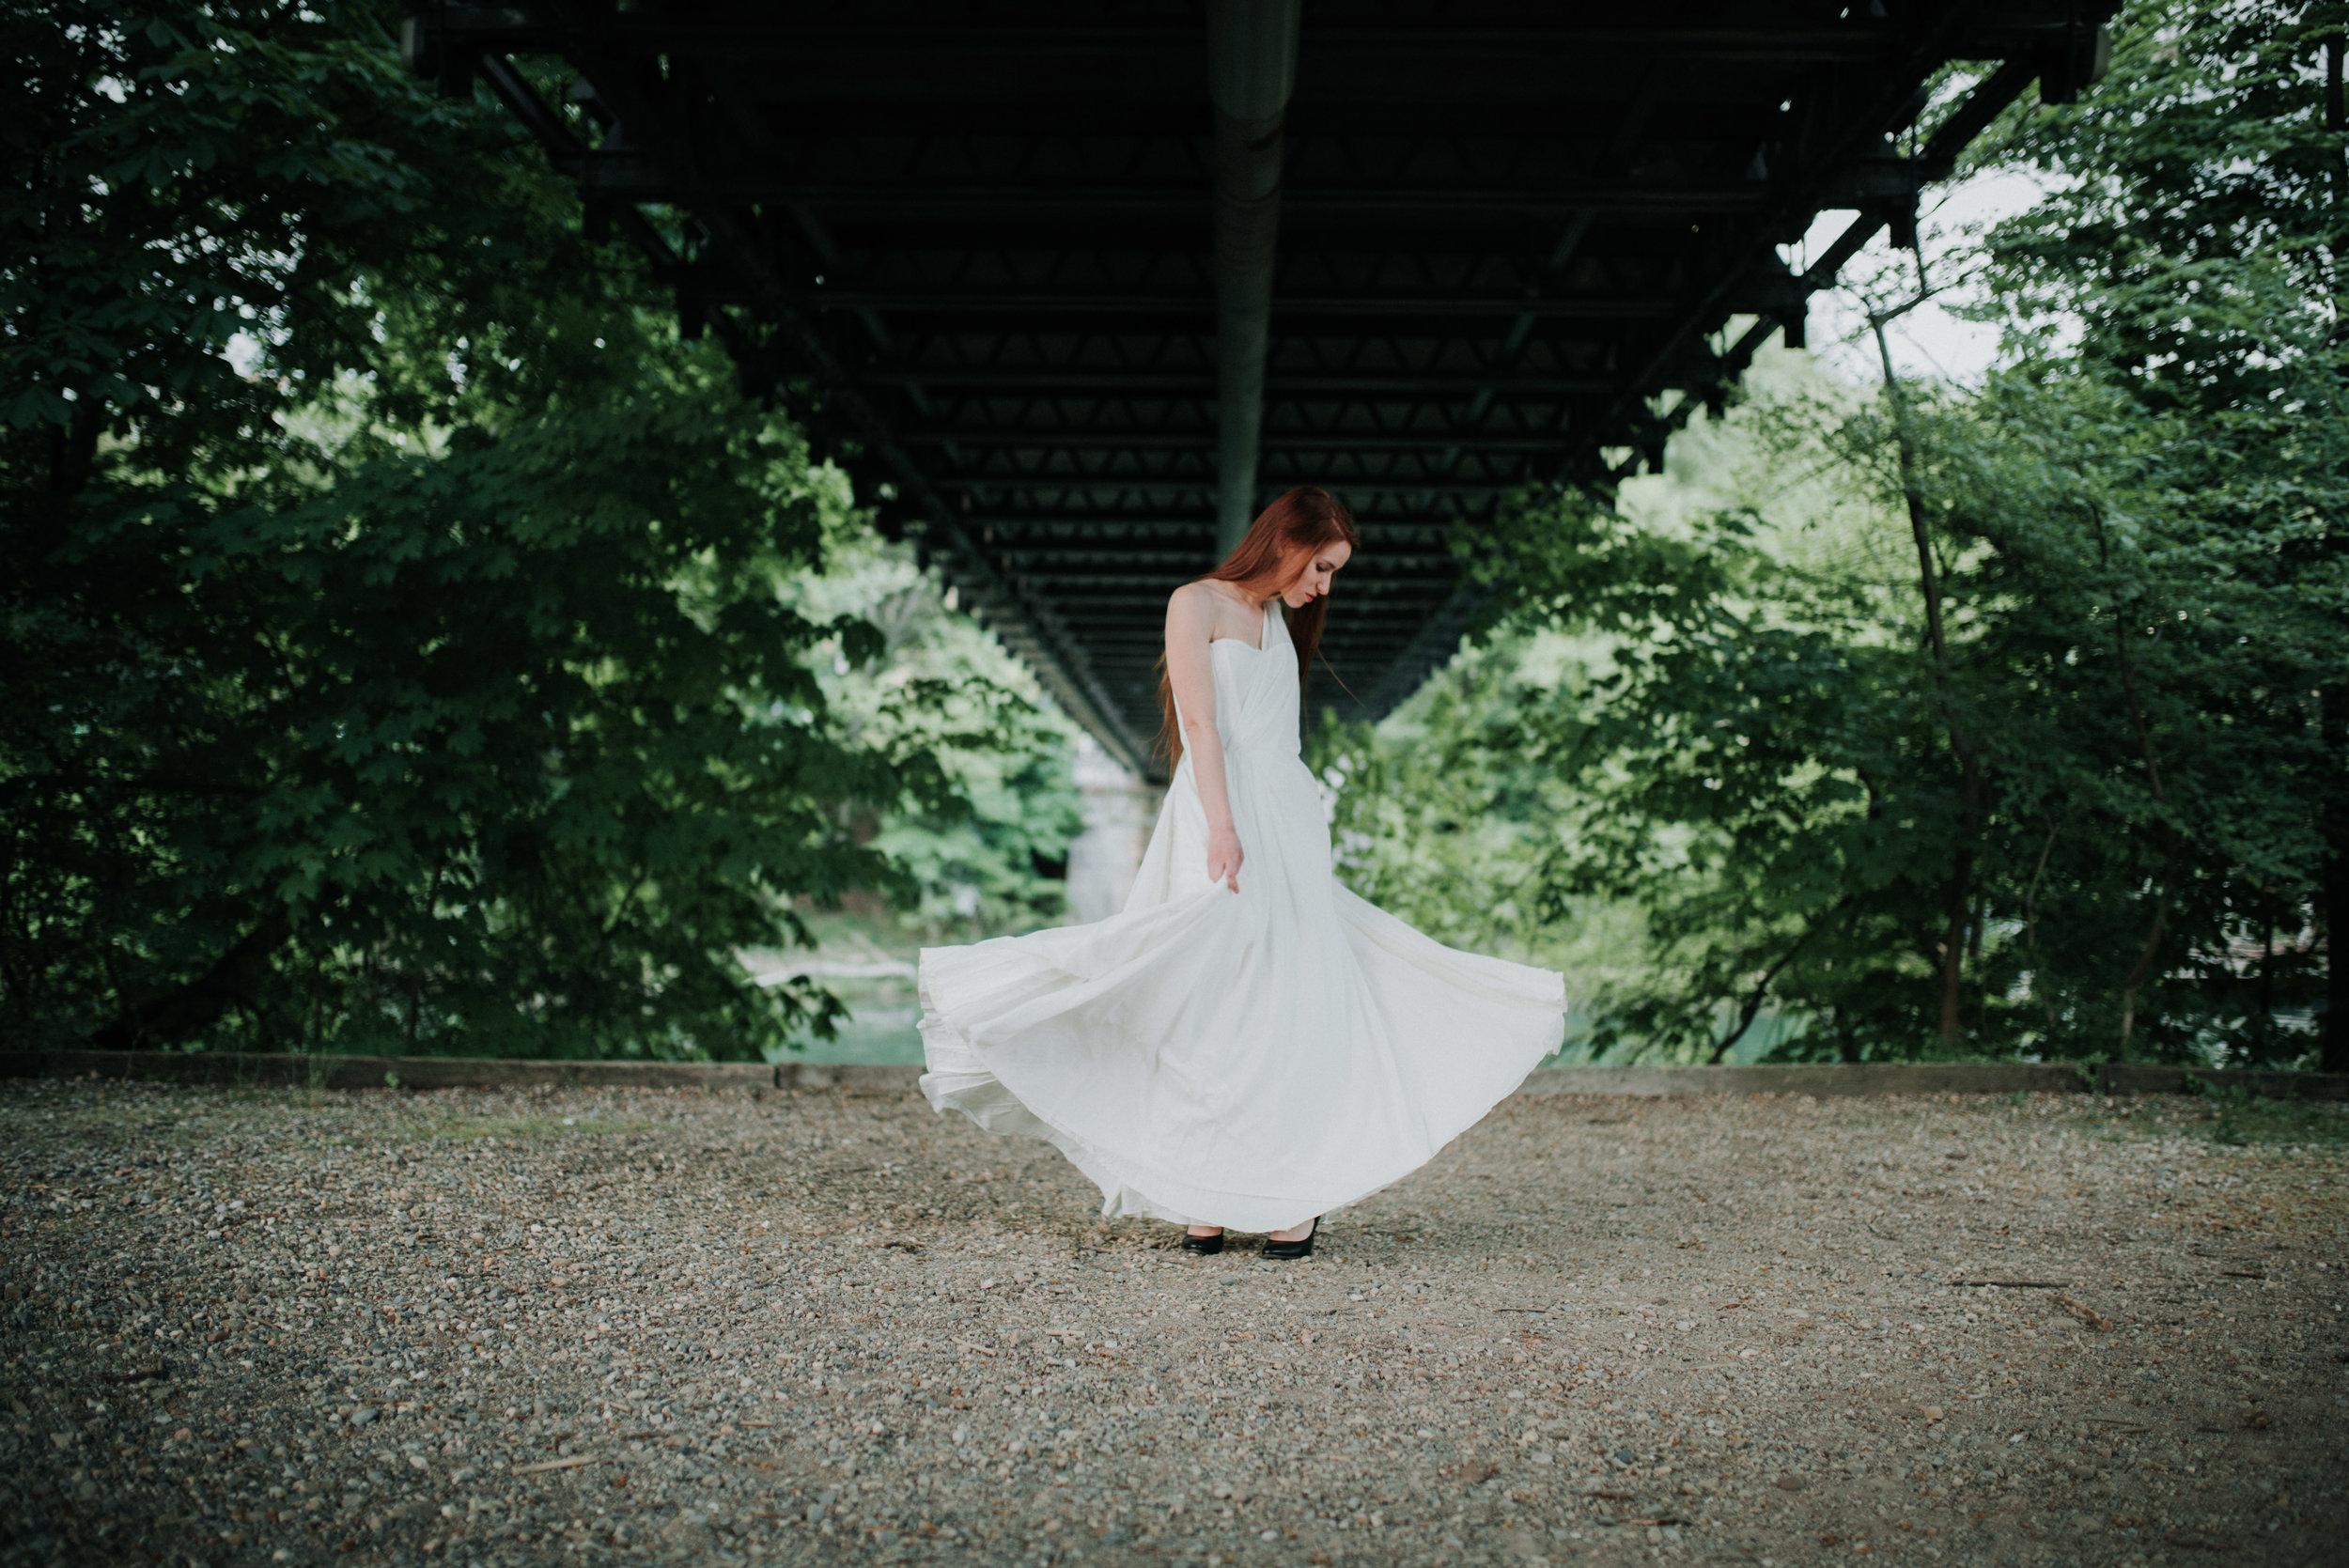 Léa-Fery-photographe-professionnel-lyon-rhone-alpes-portrait-creation-mariage-evenement-evenementiel-famille-8708.jpg